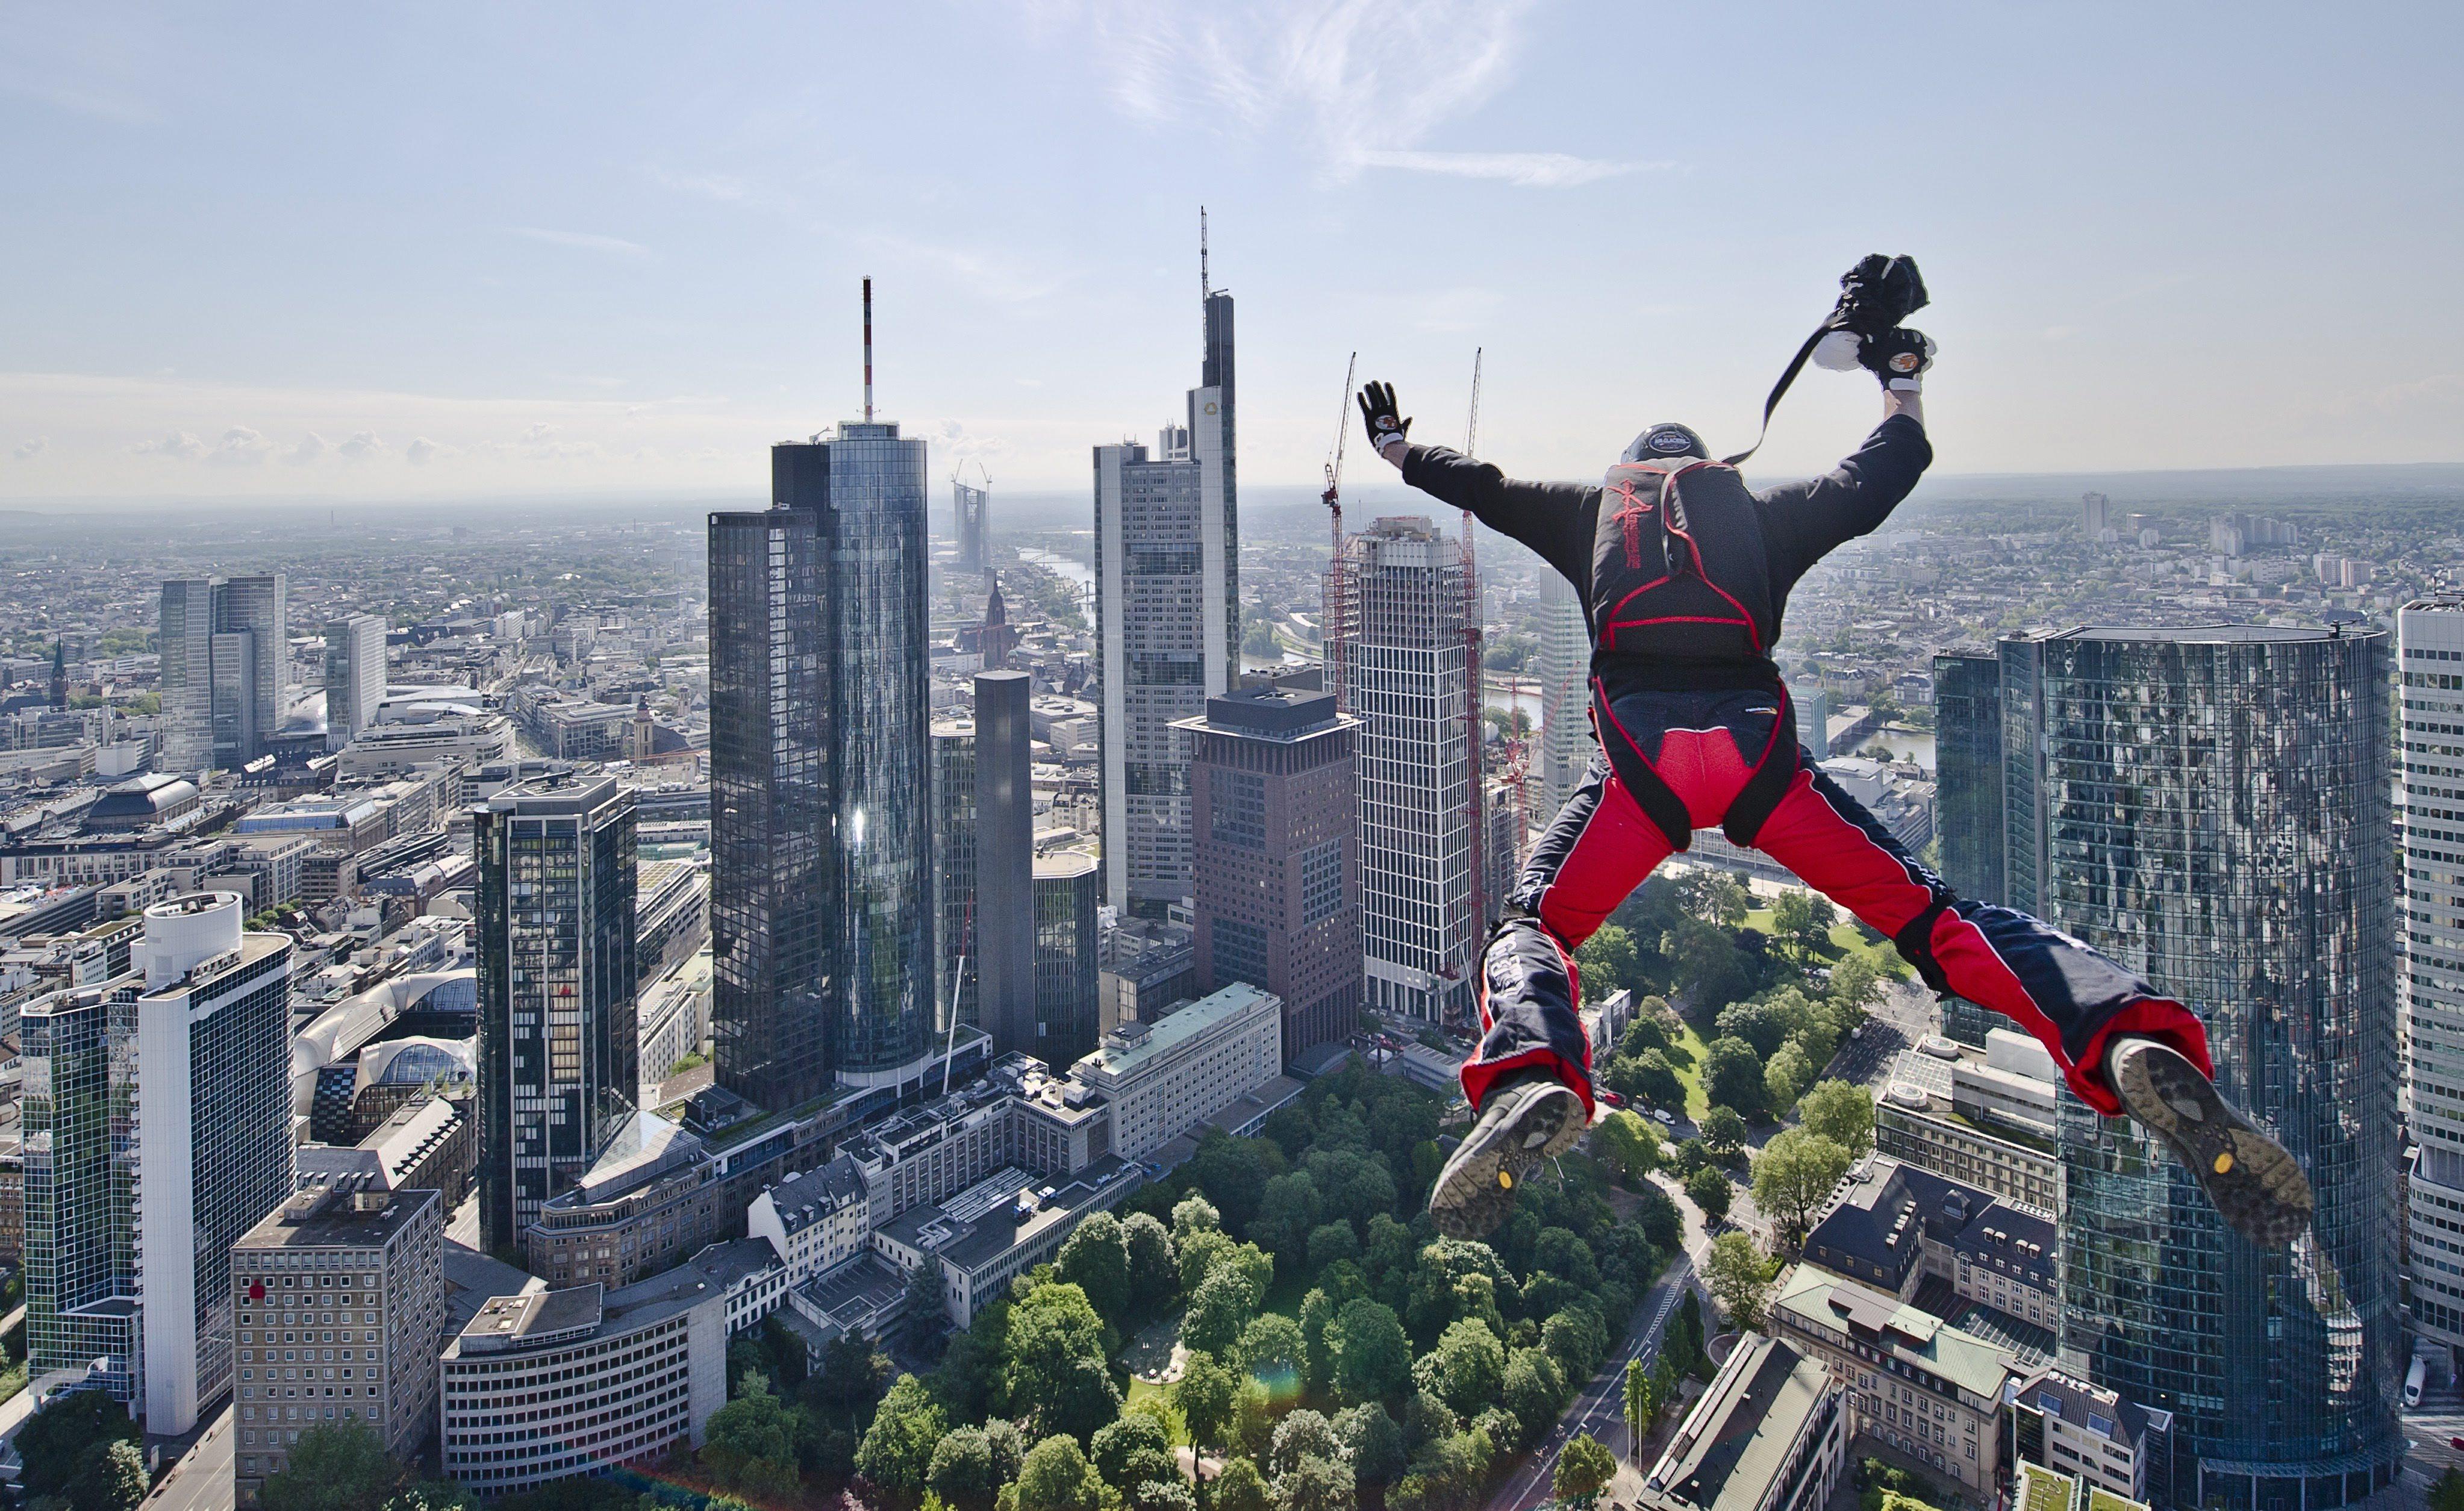 Скачането с бънджи е доста по-безопасно от стоенето на открито в гръмотевична буря – рискът от смърт е само 1 към 500 000.